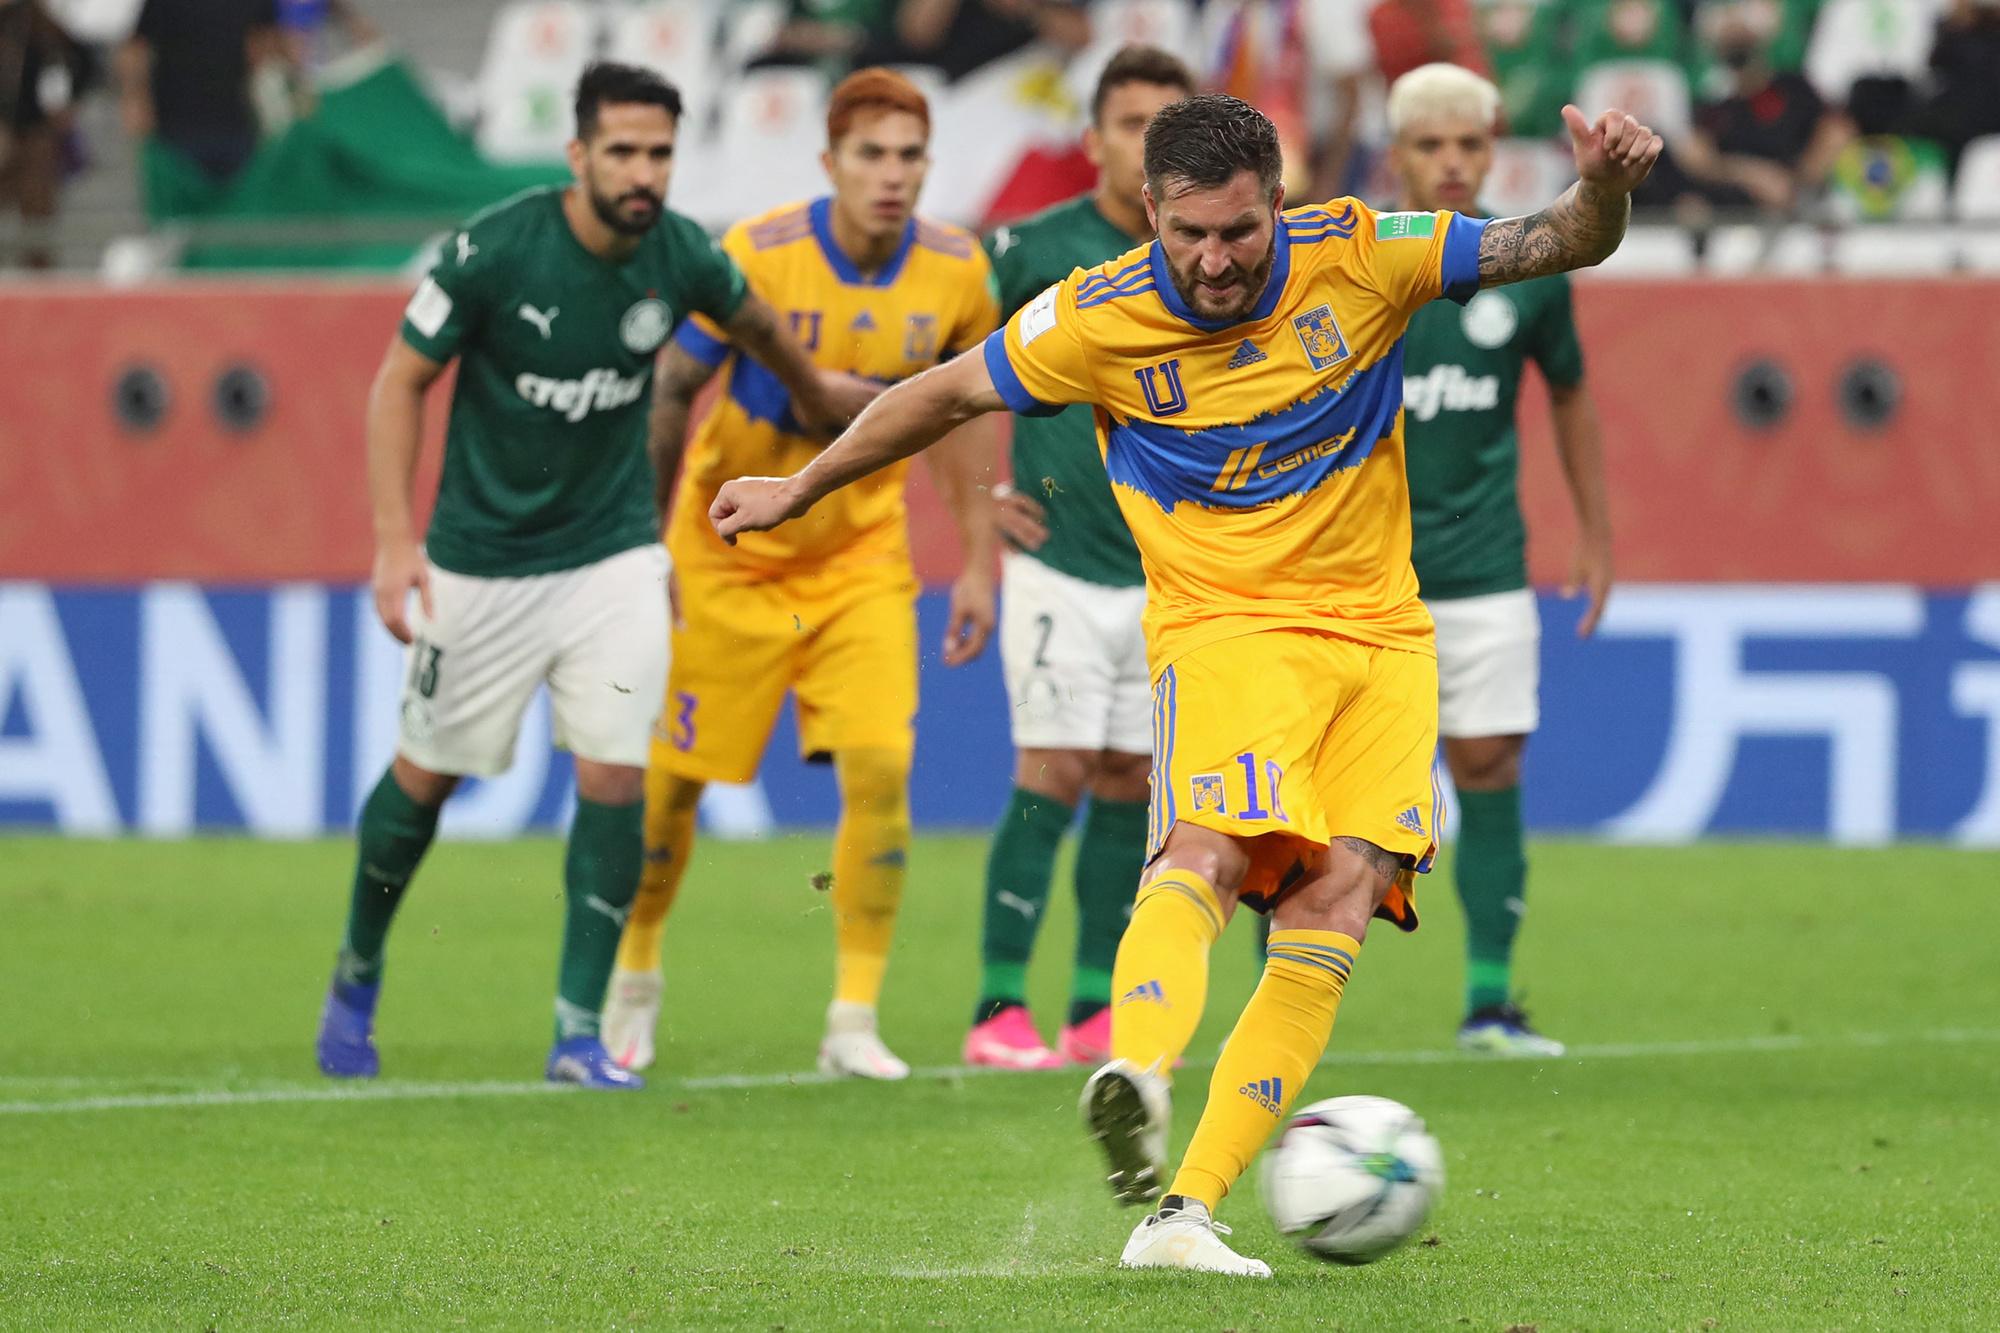 Een penalty van Gignac was genoeg om Palmeiras aan de kant te schuiven, Belga Image/AFP